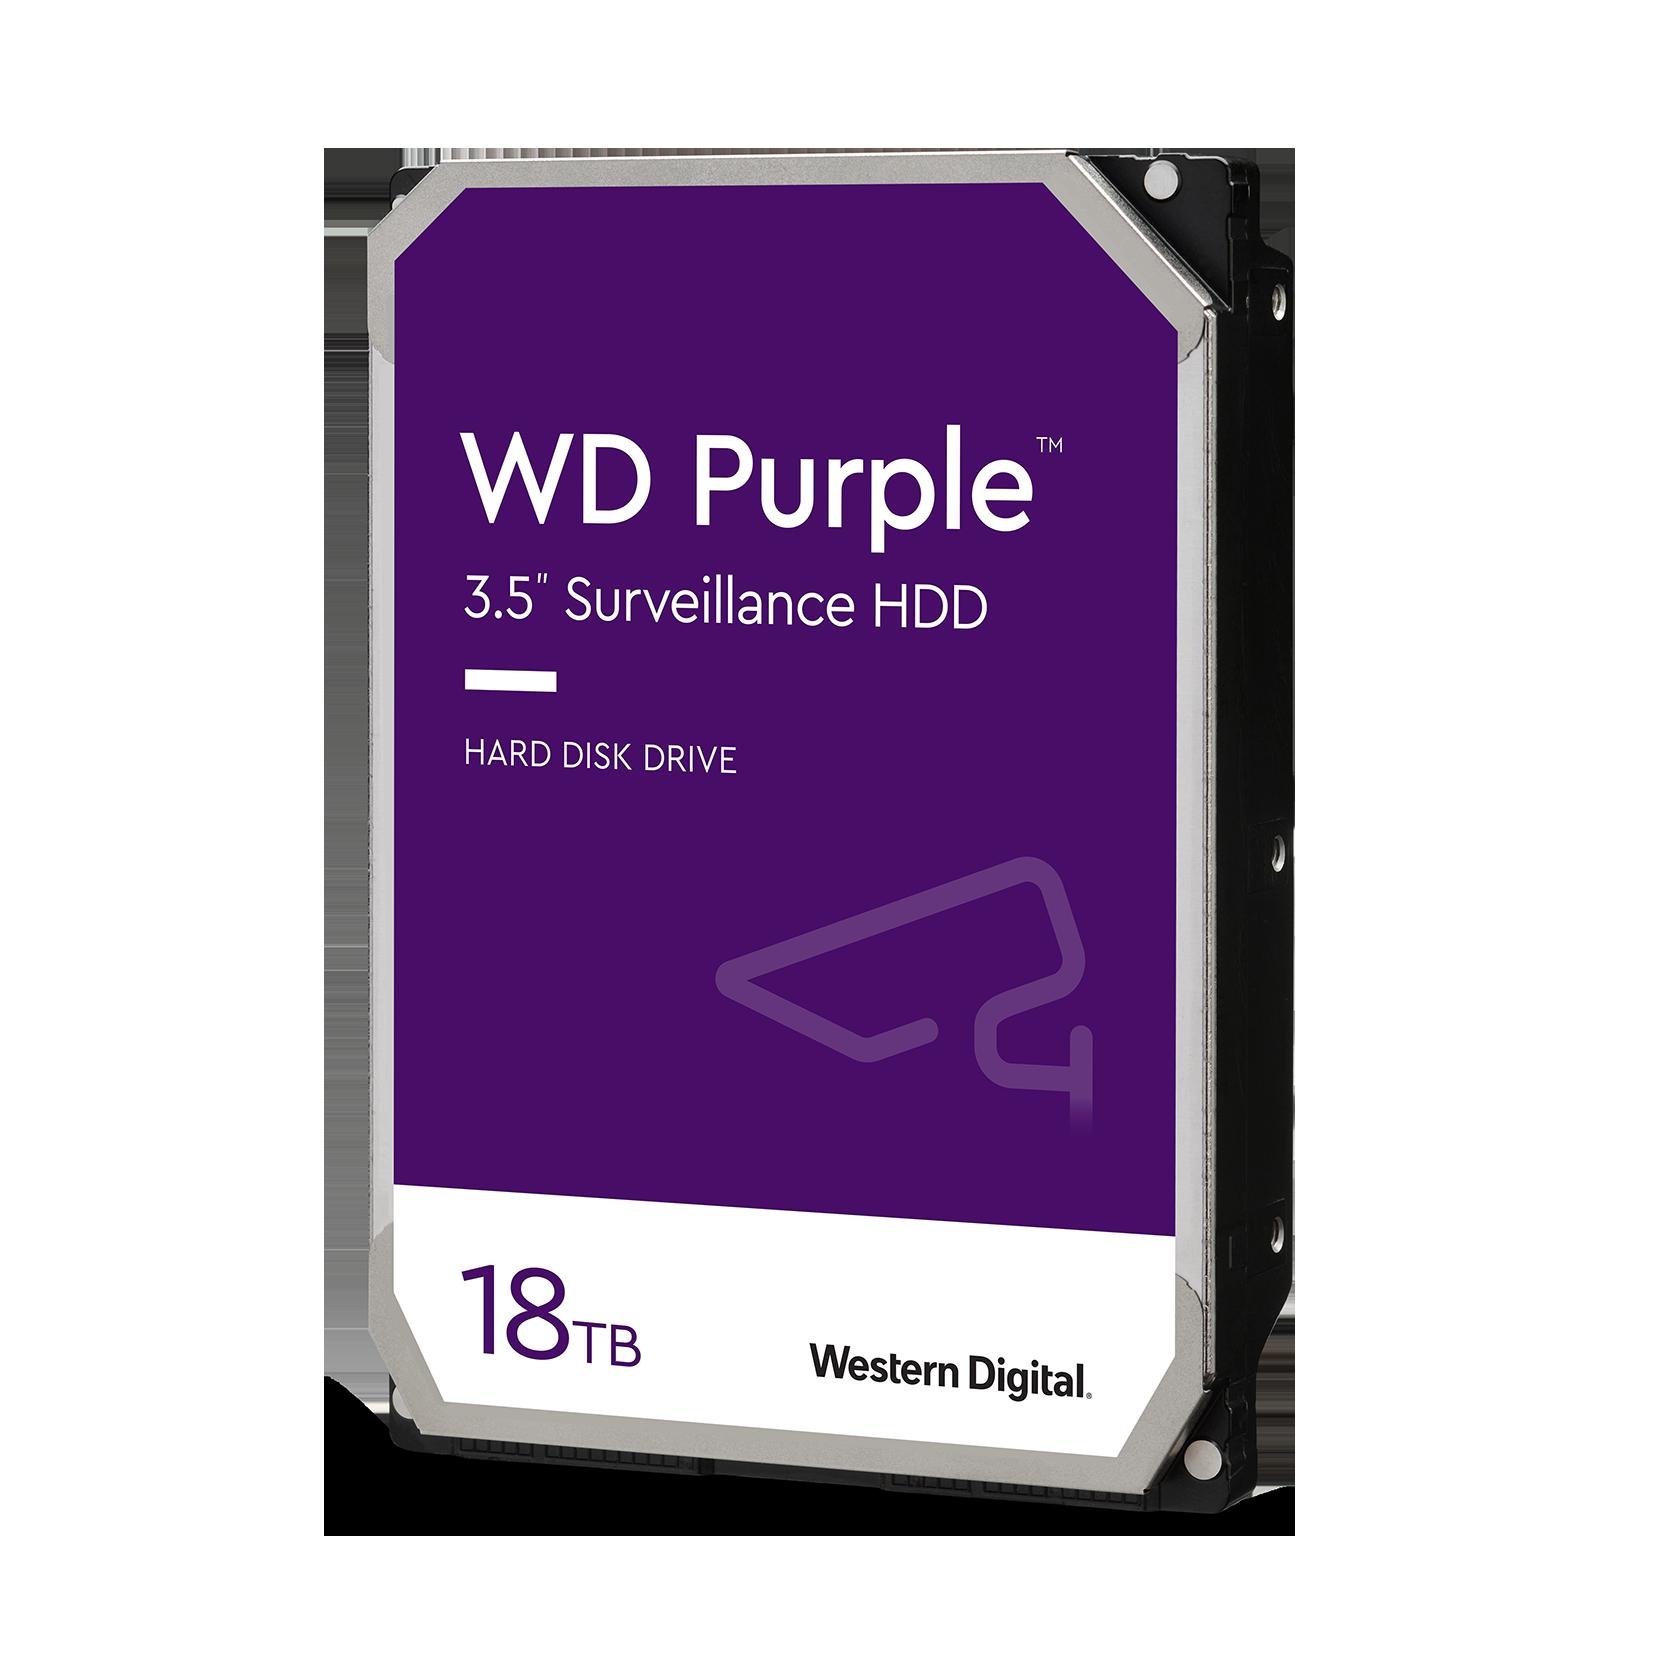 wd-purple-surveillance-hard-drive-18tb